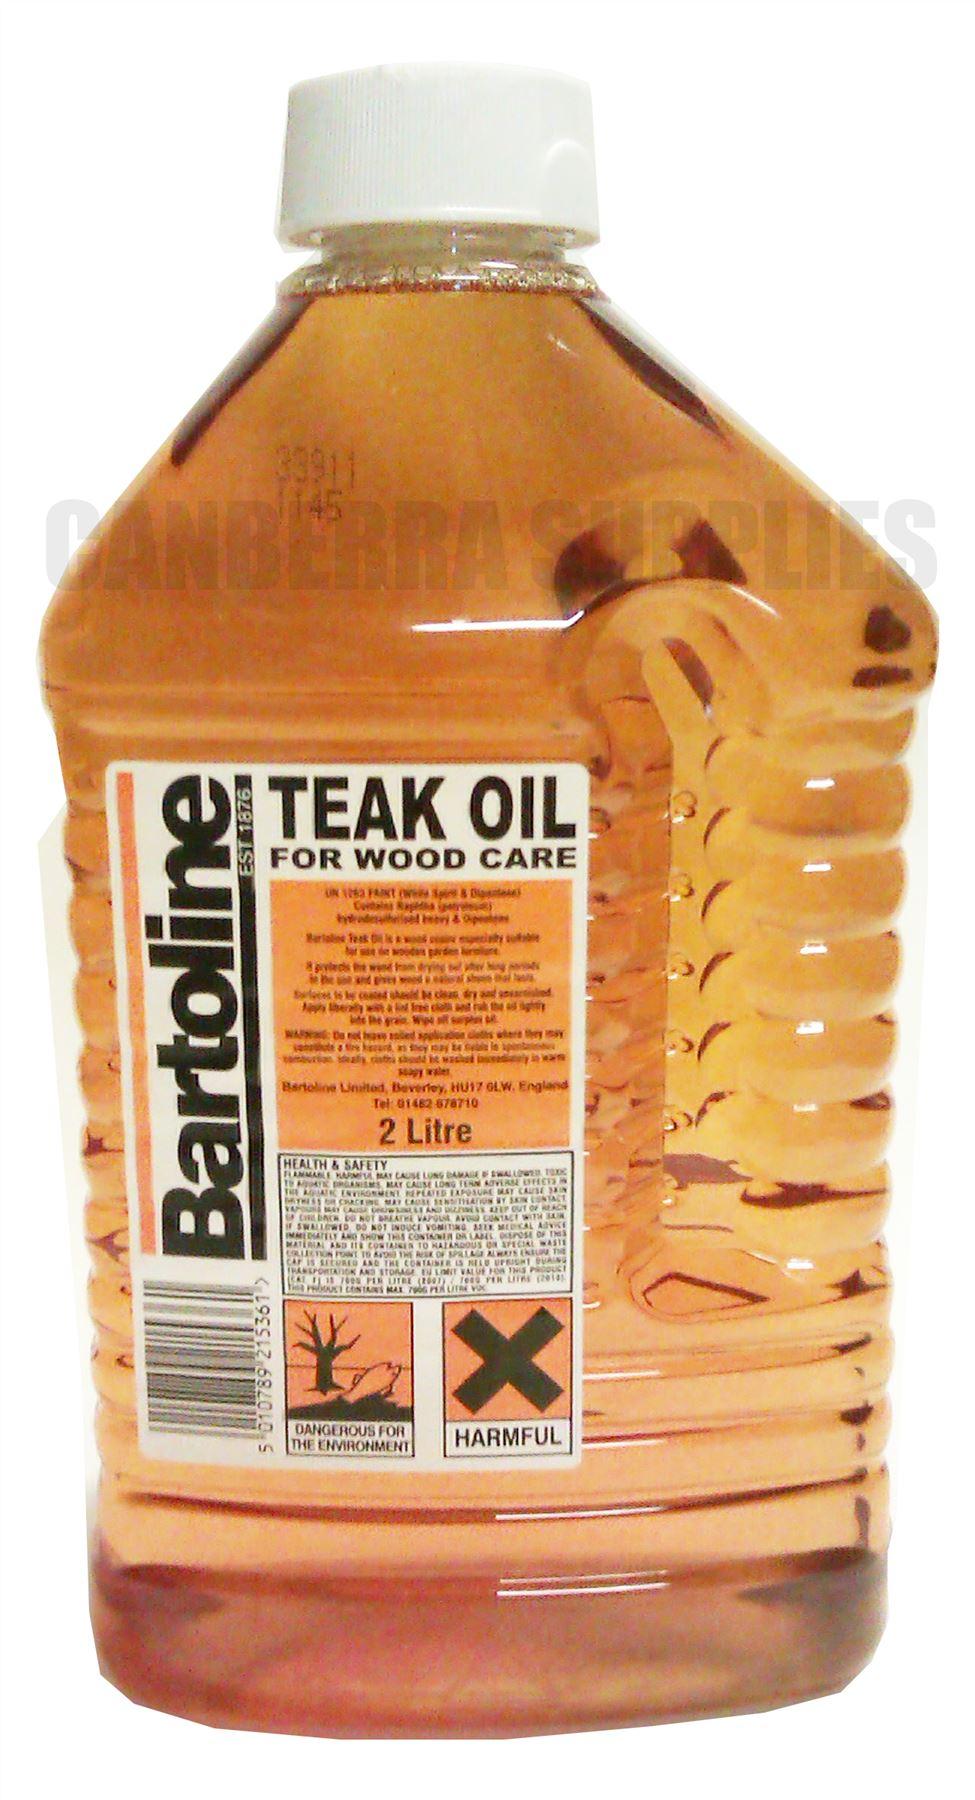 BARTOLINE TEAK OIL GARDEN FURNITURE WOOD TREATMENT CARE ...